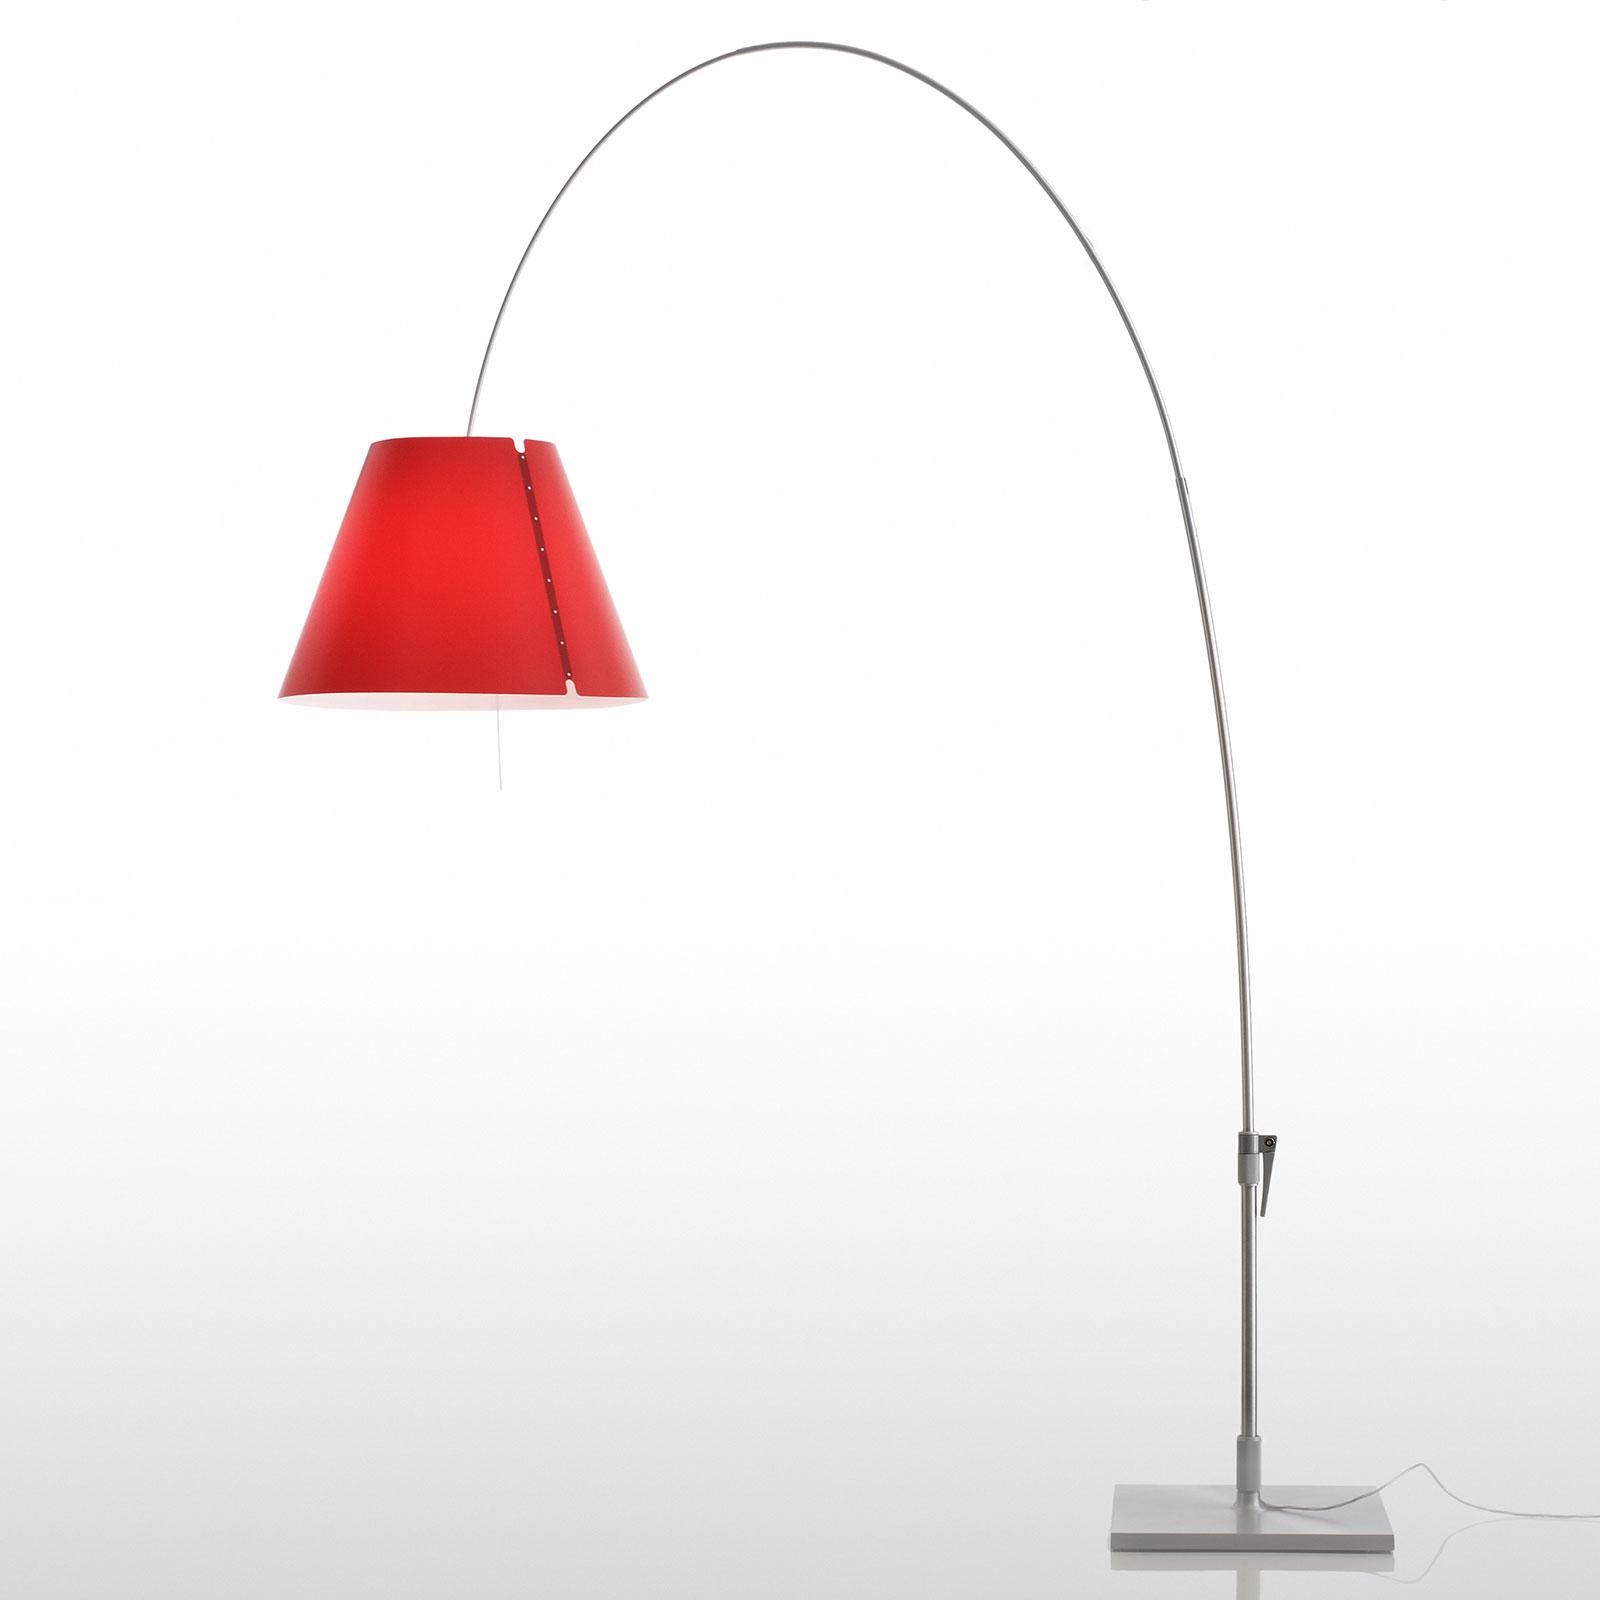 Luceplan Lady Costanza lampadaire D13E d alu/rouge